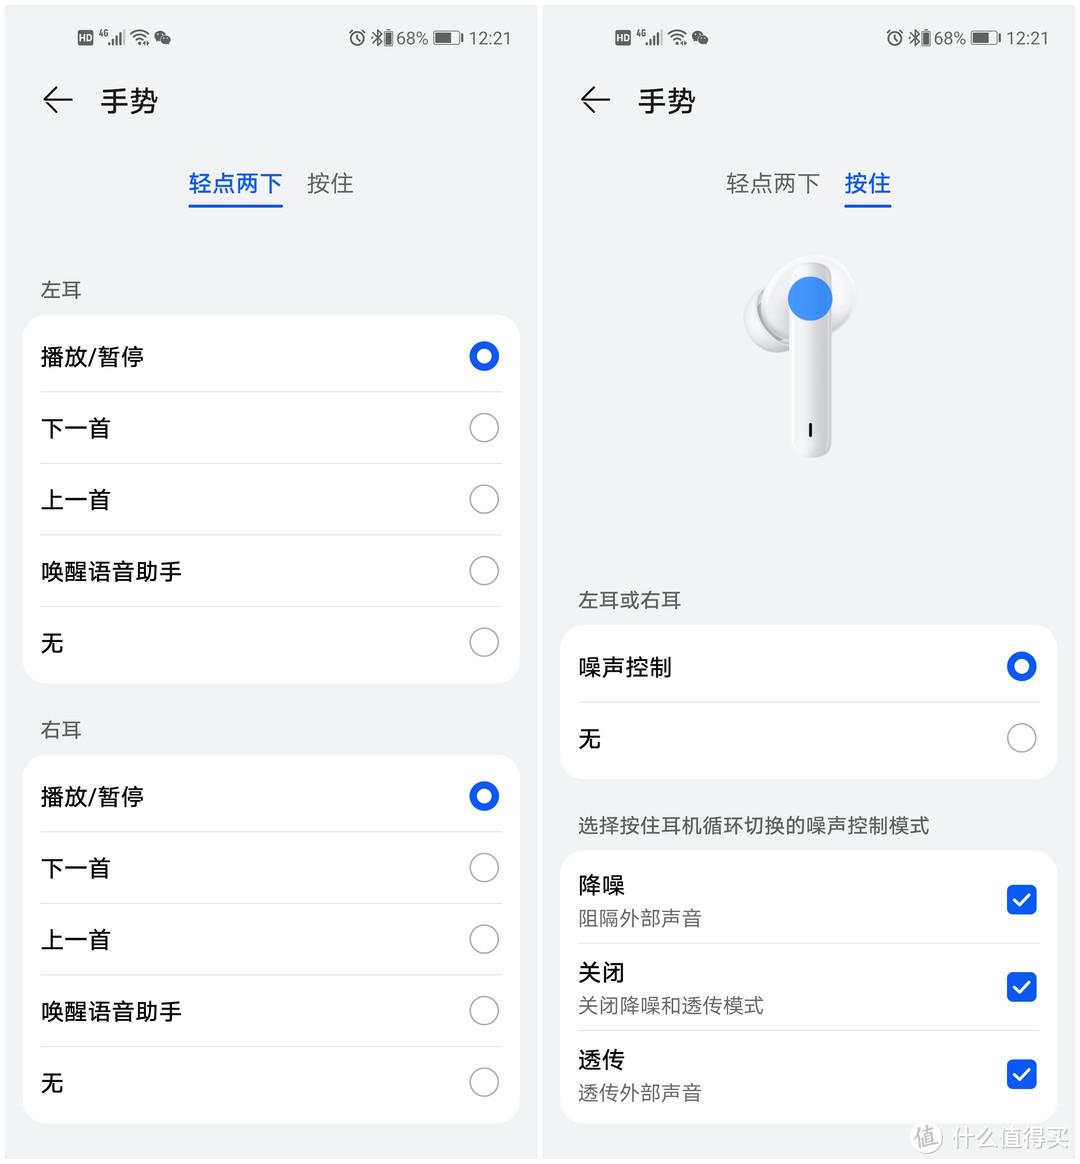 荣耀Earbuds 2 SE:超长续航+出色降噪,地铁通勤听音乐的首选